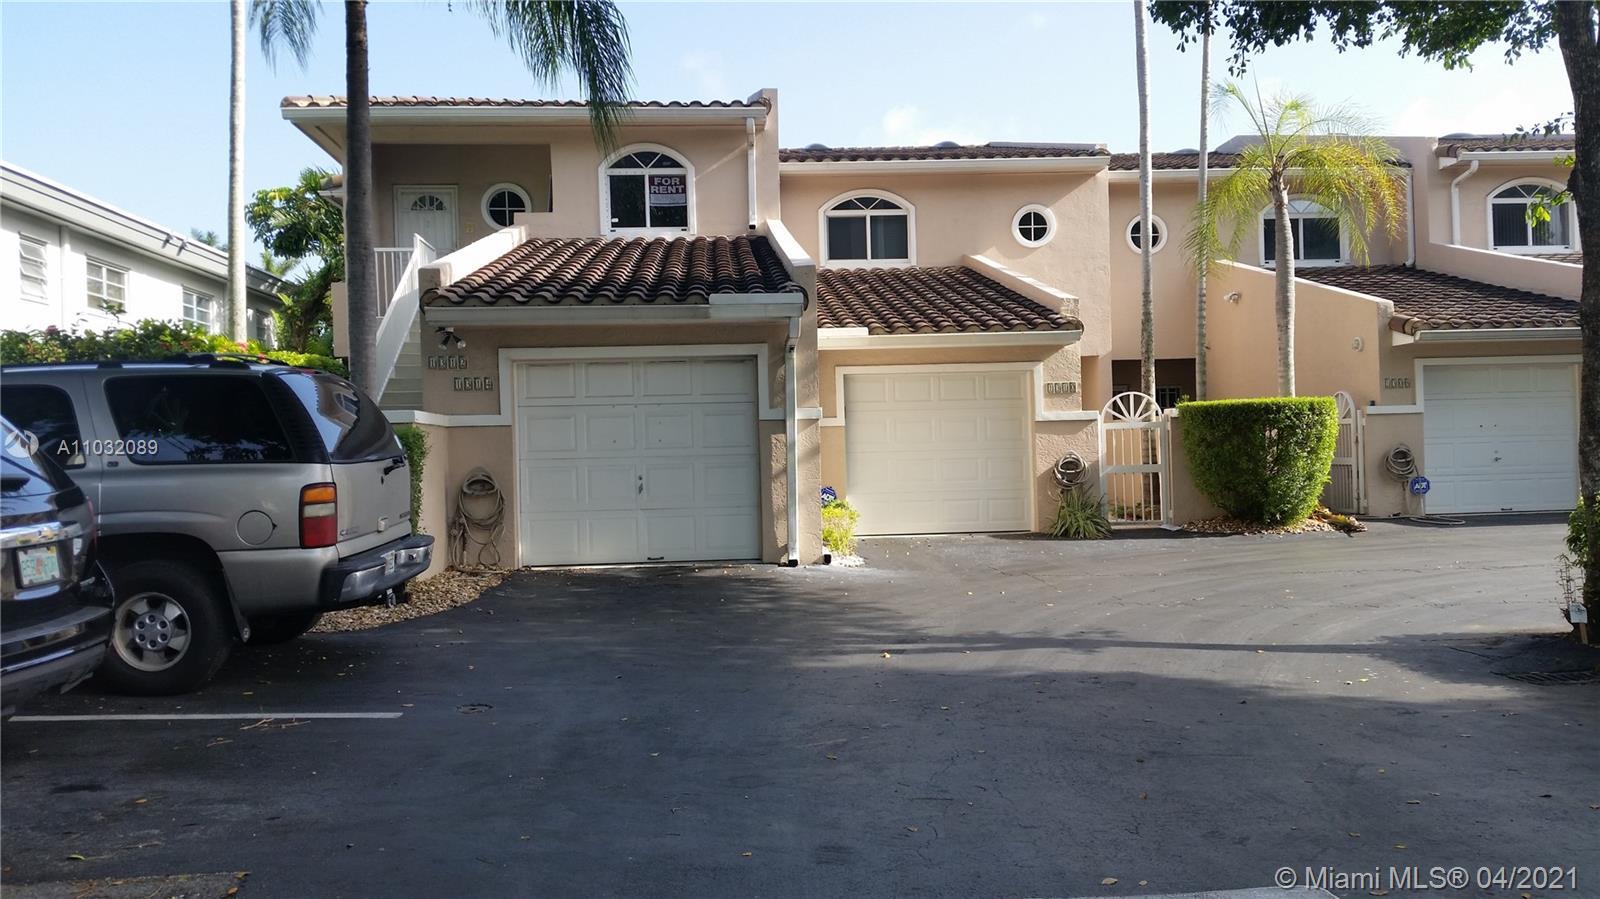 1312 NE 105th St #11 For Sale A11032089, FL